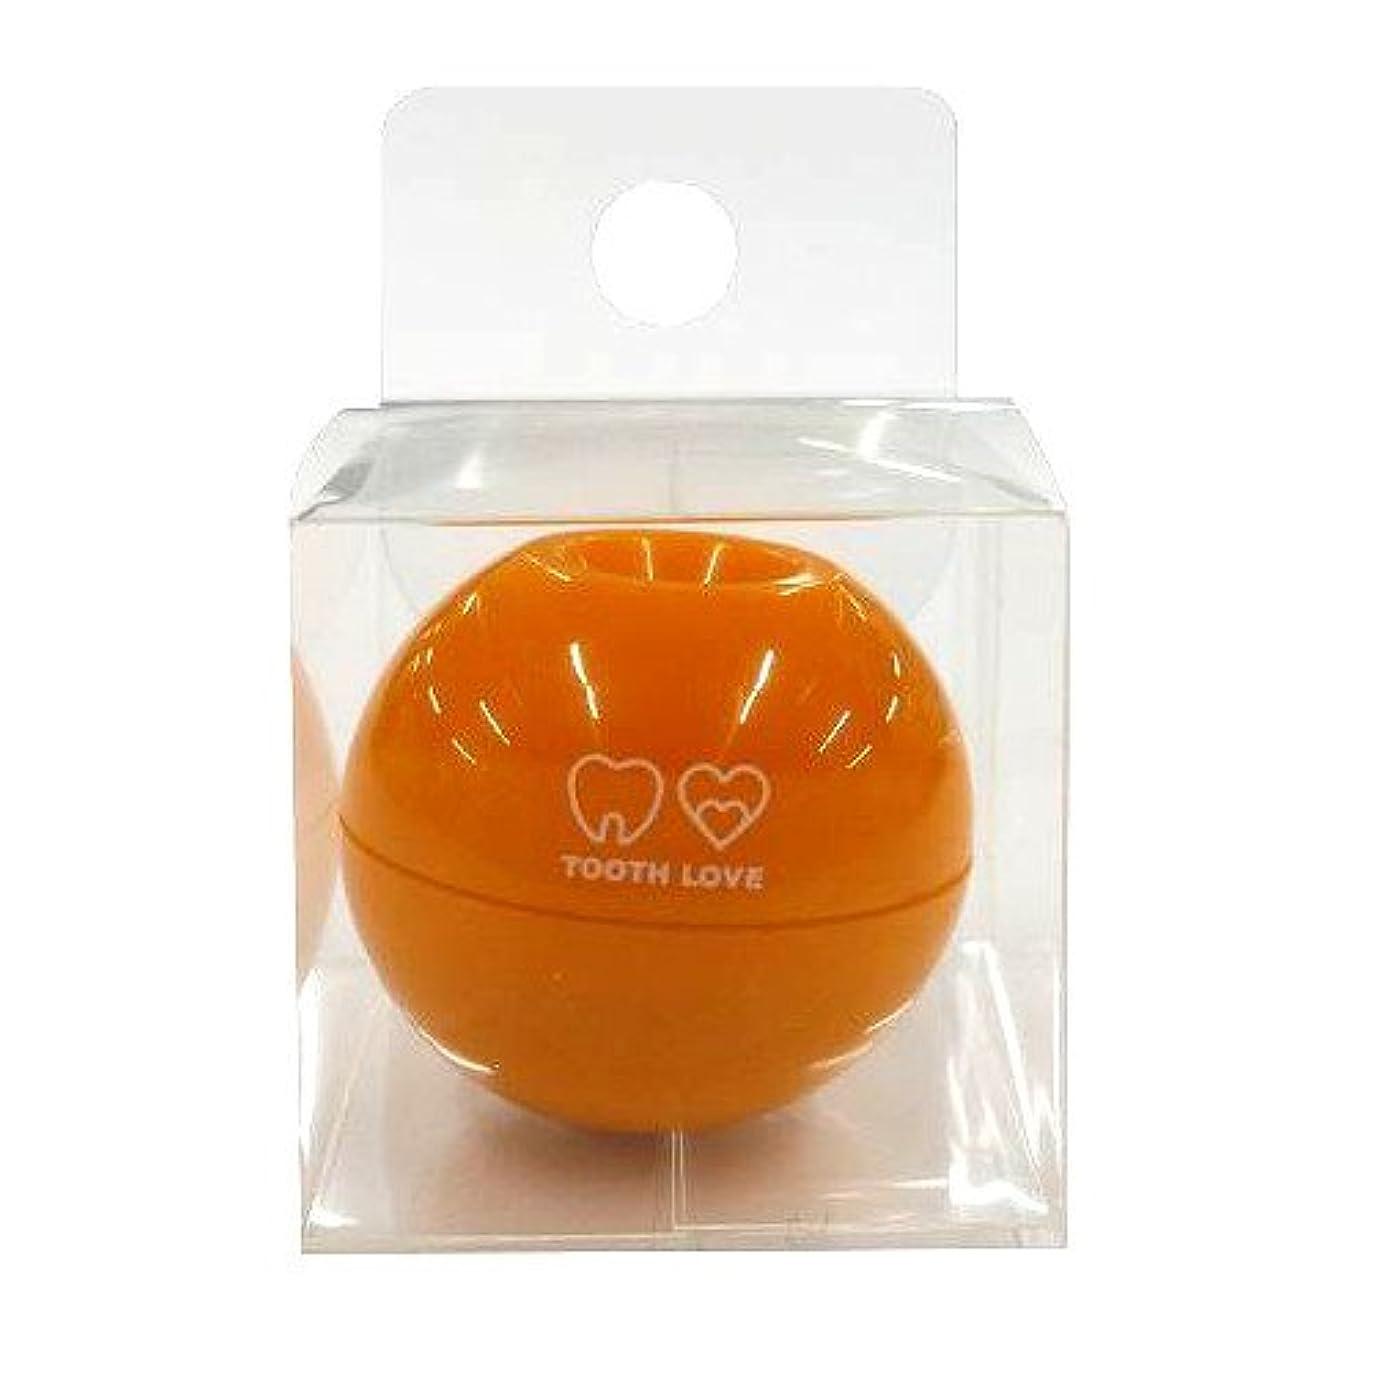 ラッカス引数セマフォTOOTH LOVE BALL ホルダー (歯間ブラシホルダー) オレンジ